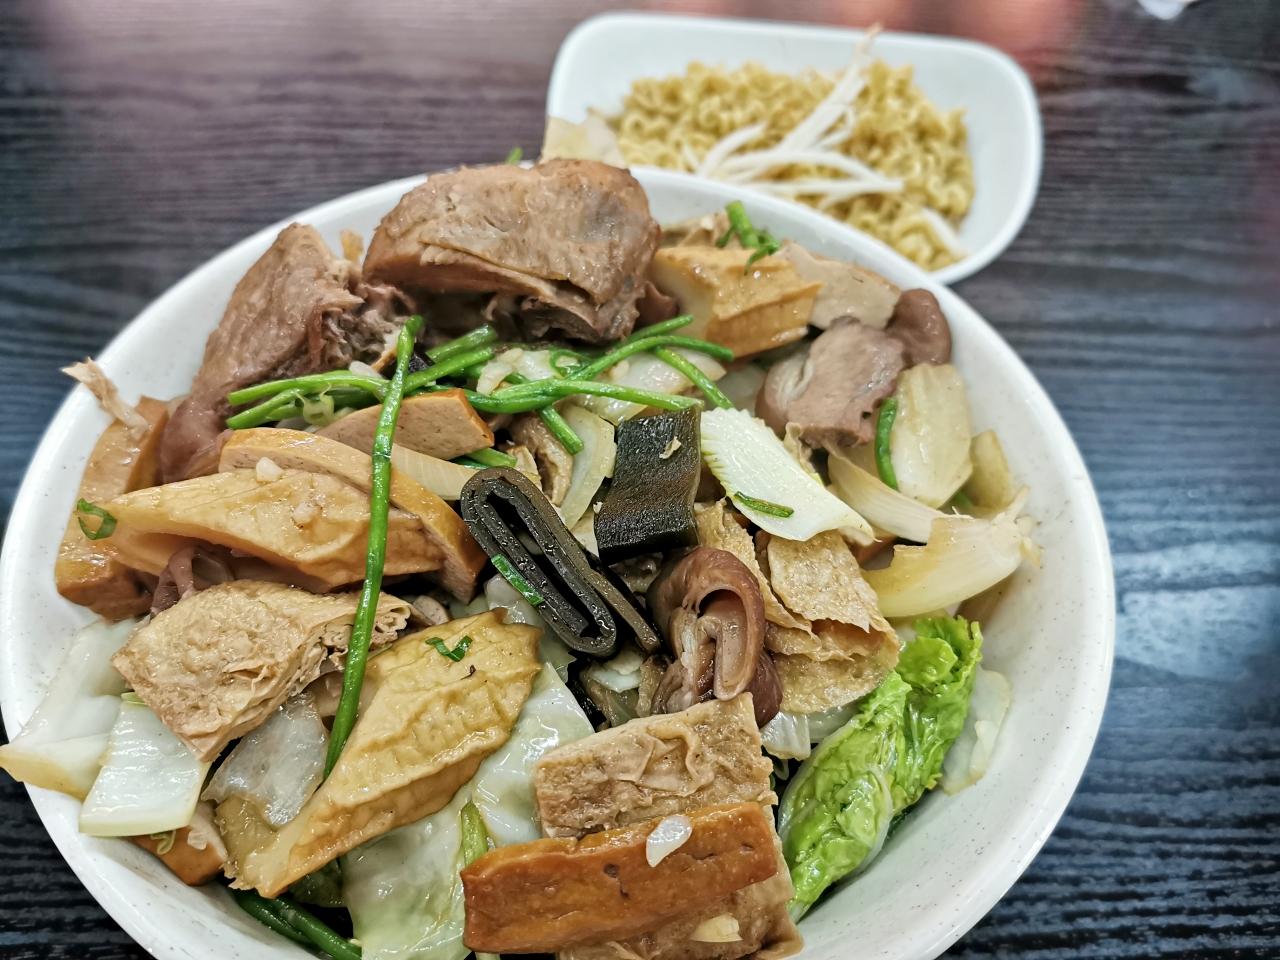 新莊美食:饗初燒滷味近新莊運動場,滷味種類多價格合理,宵夜好選擇